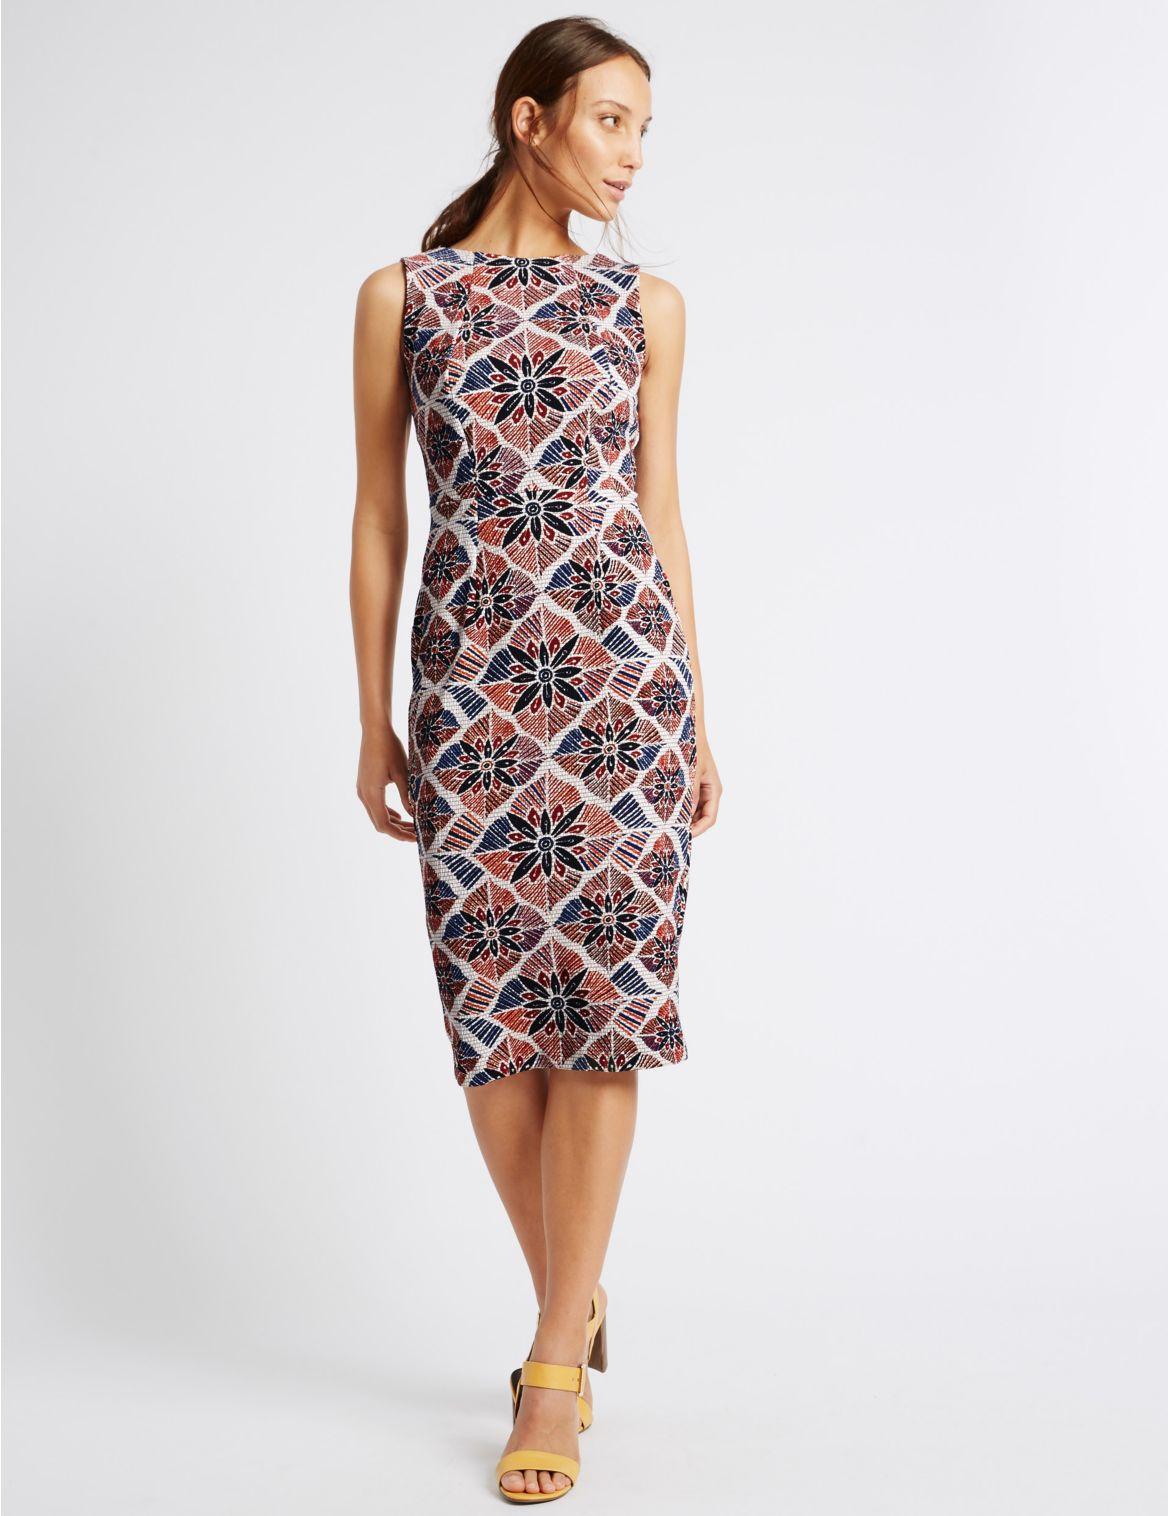 Rechte jurk met print